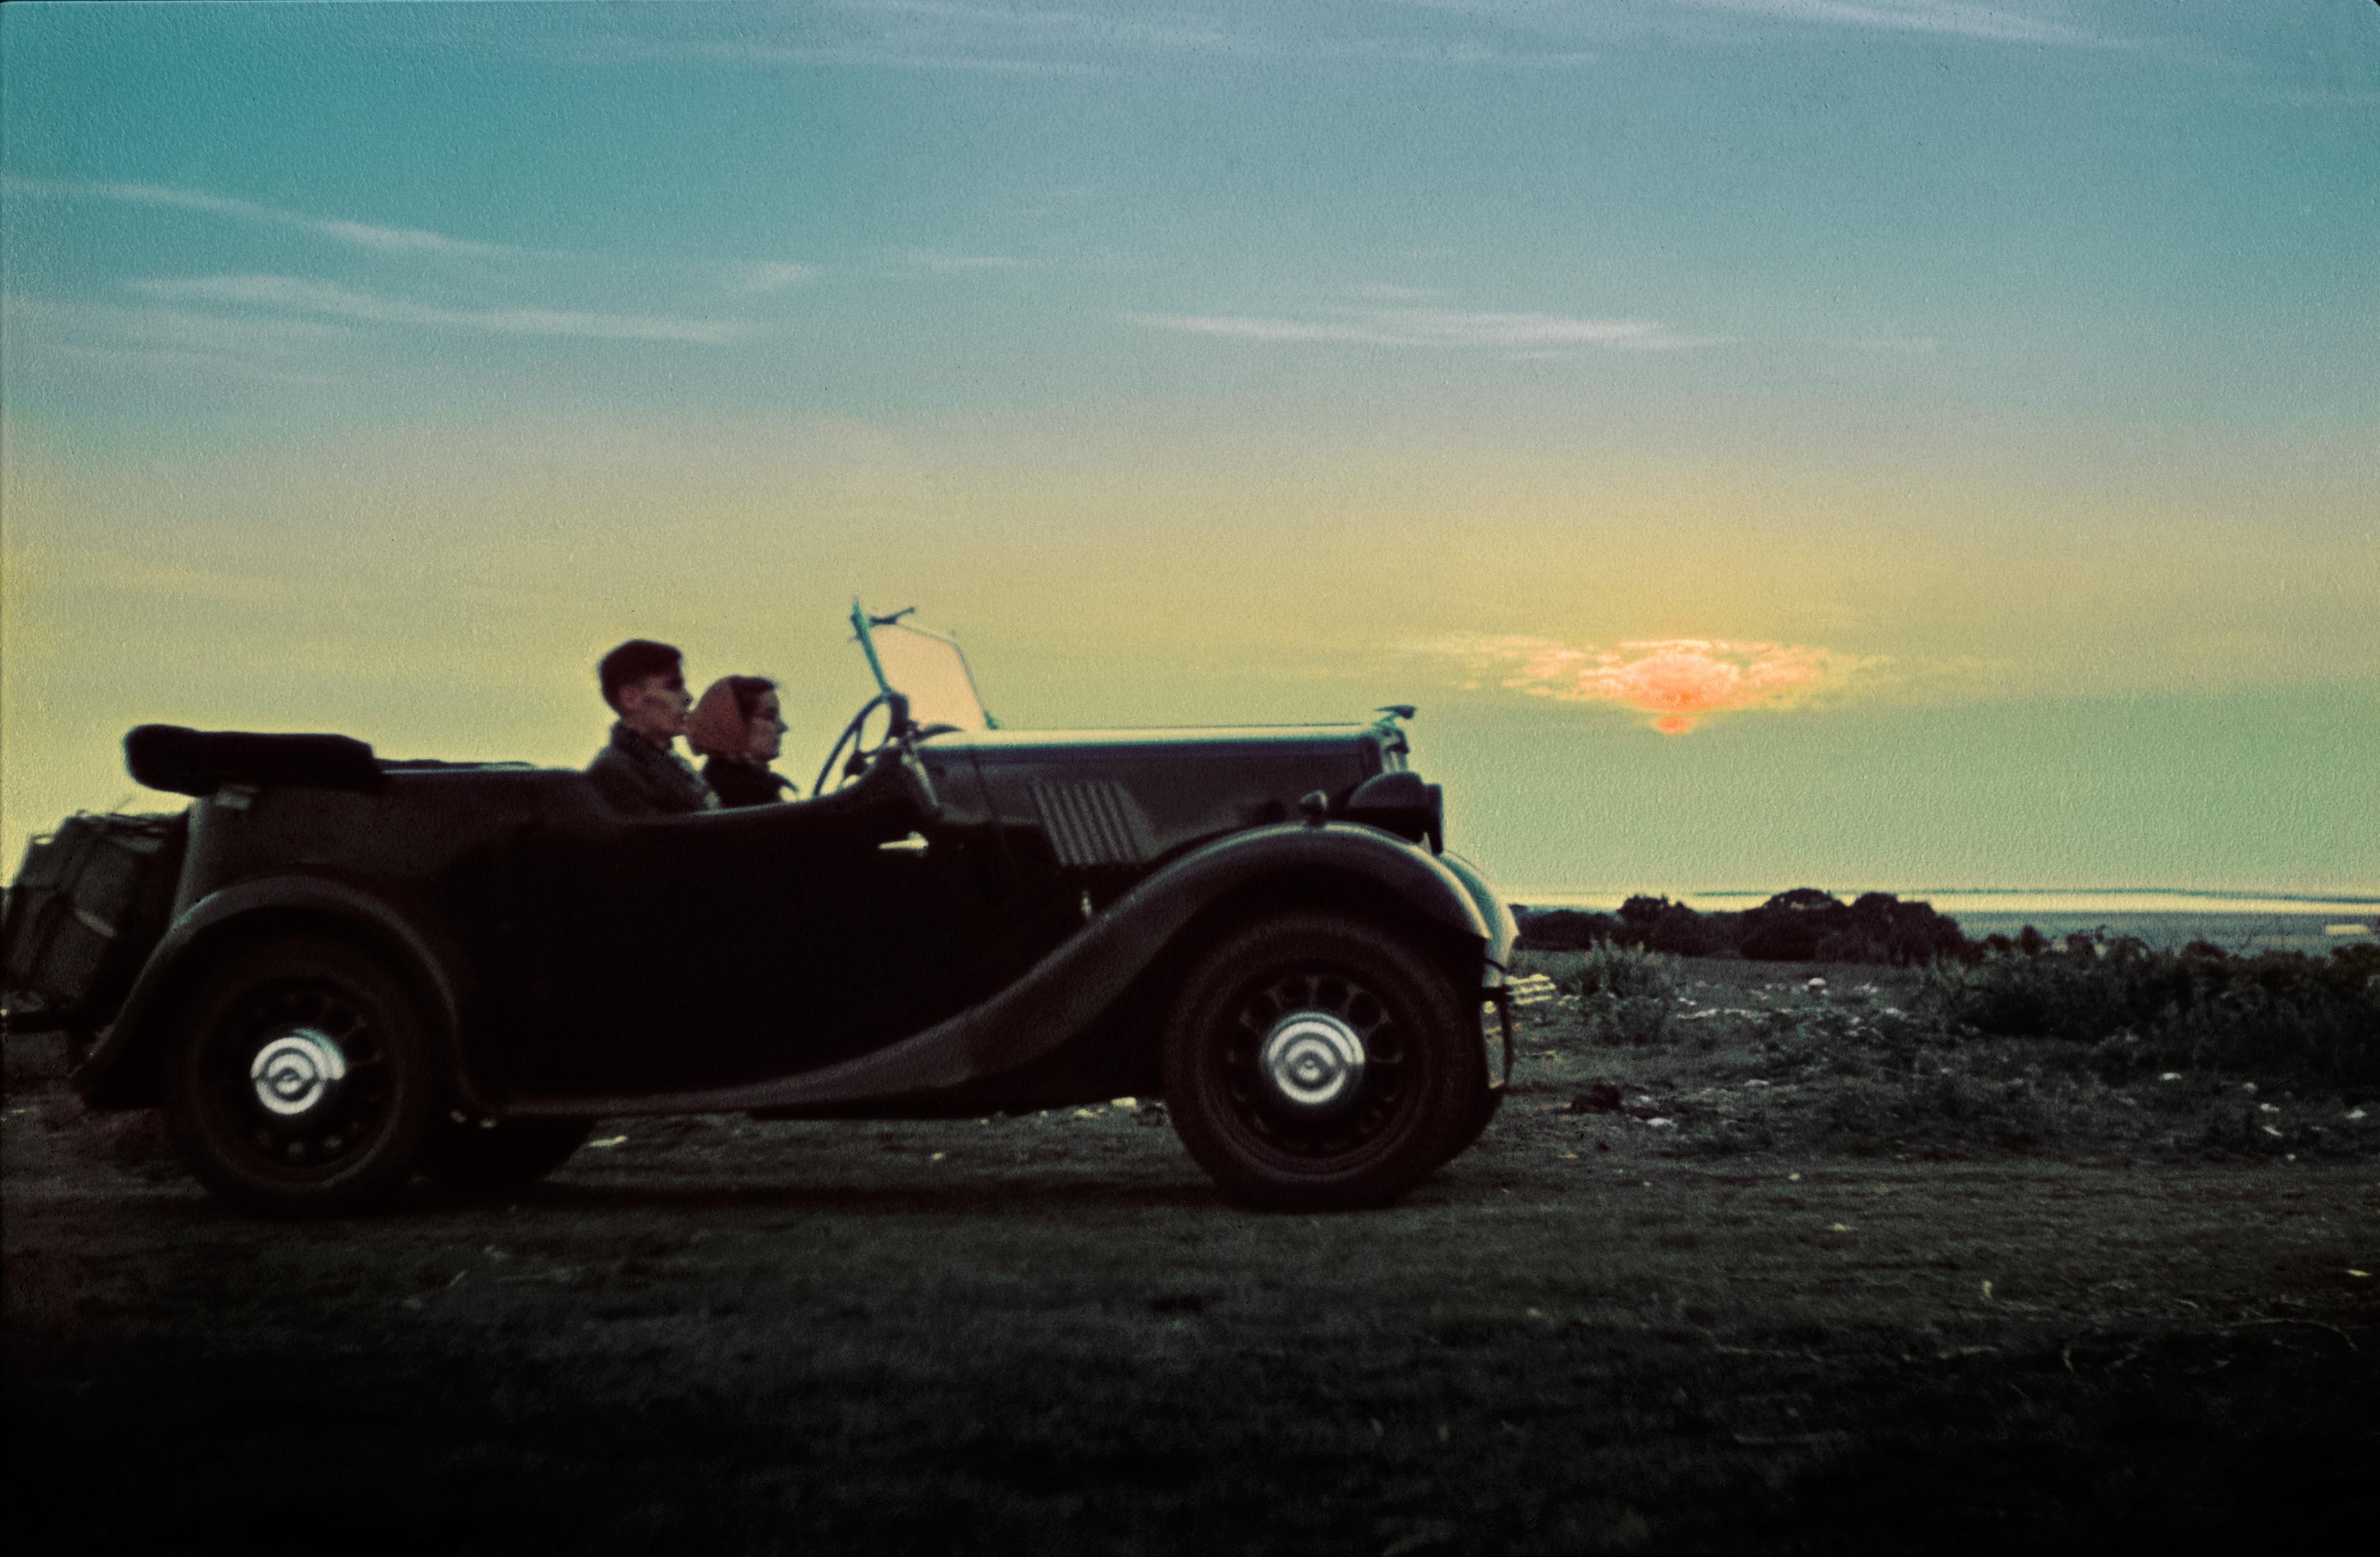 2014-05-15-SunsetCar.jpg